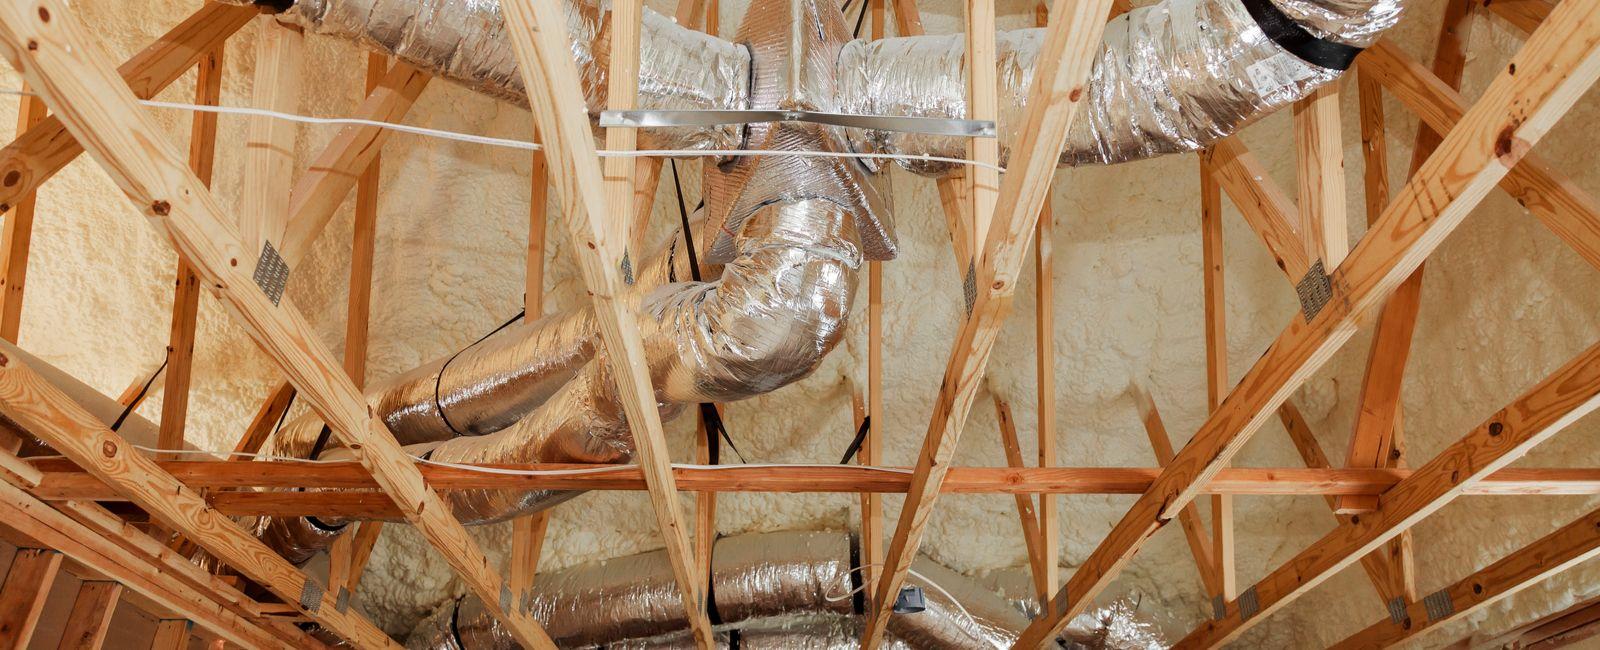 Comment installer une climatisation gainable réversible ?